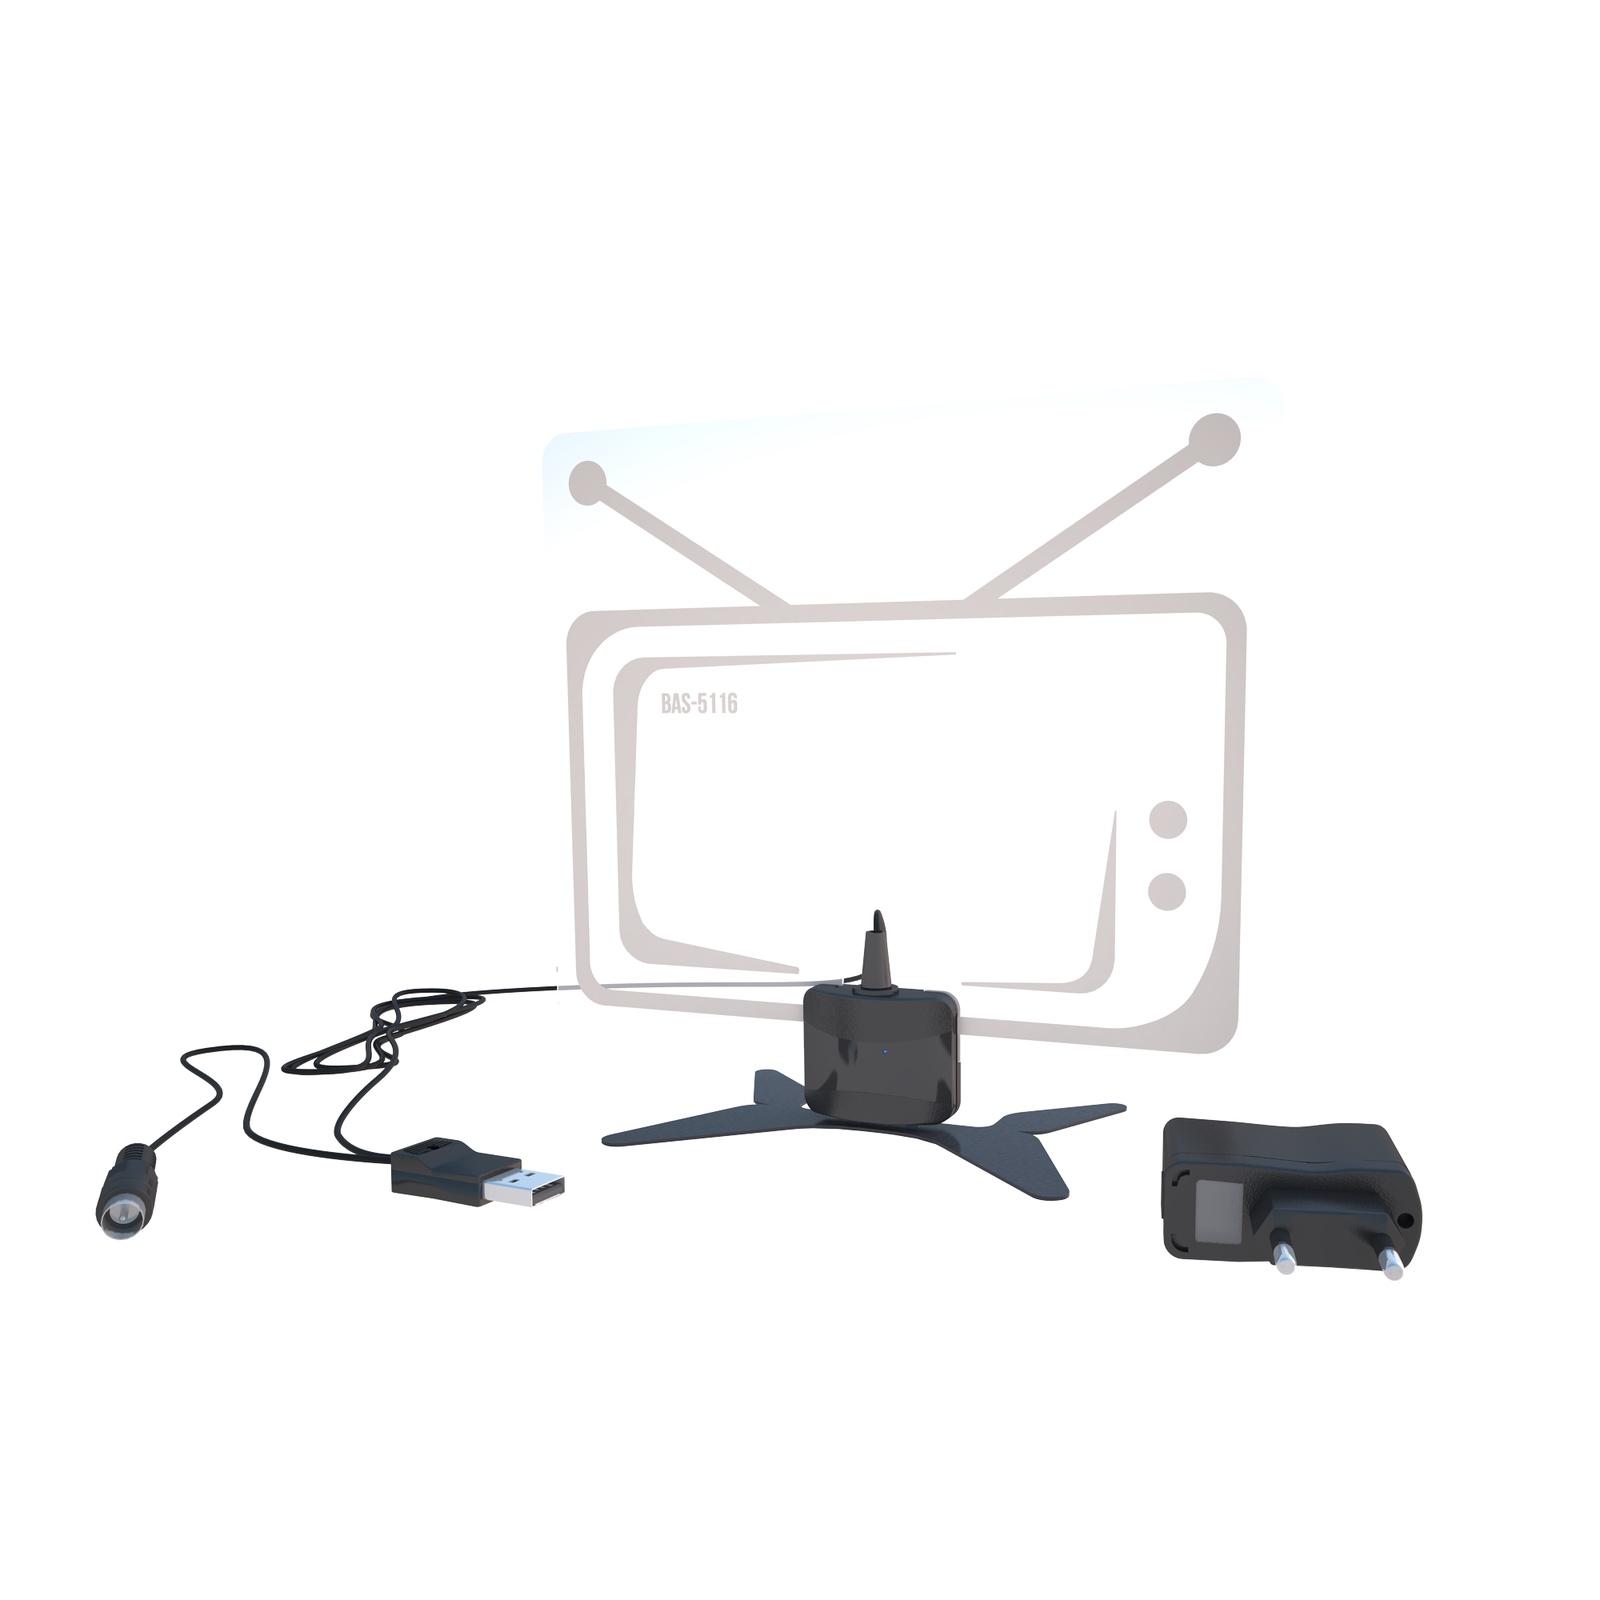 Антенна РЭМО BAS-5116-DX РЕКОРД антенна для телевизора рэмо belka